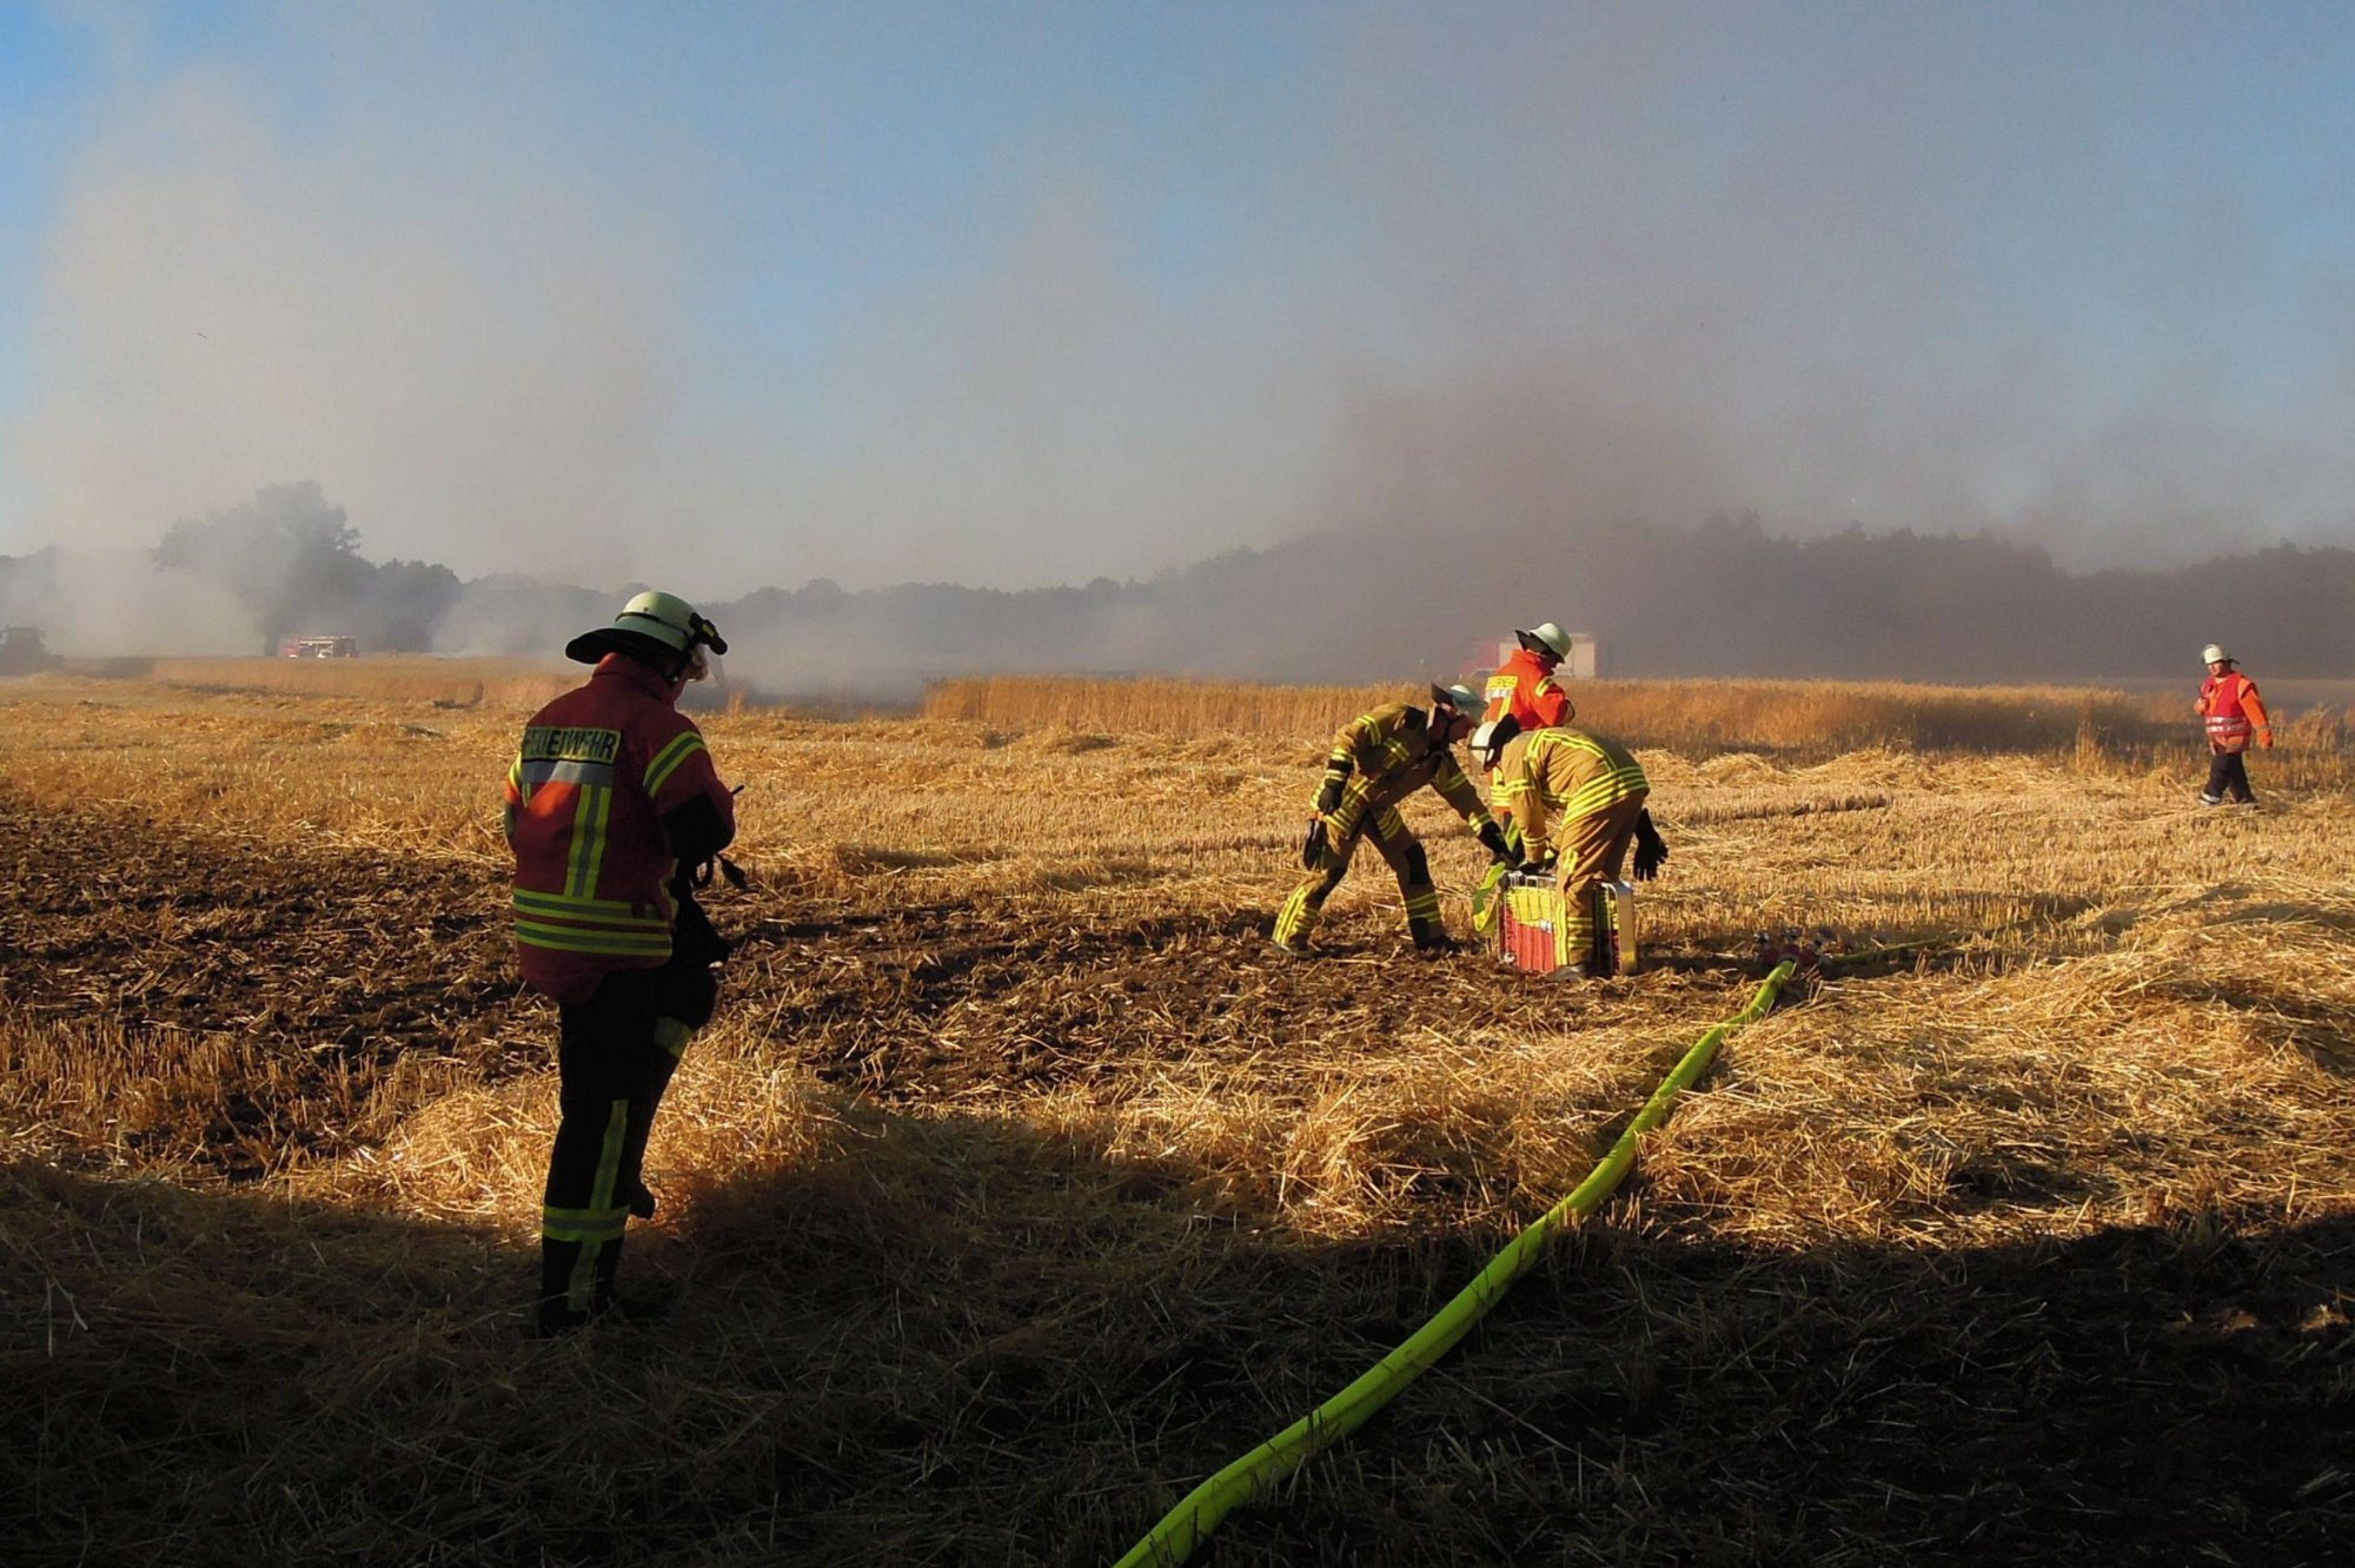 Hitze hält Feuerwehr weiter auf Trab